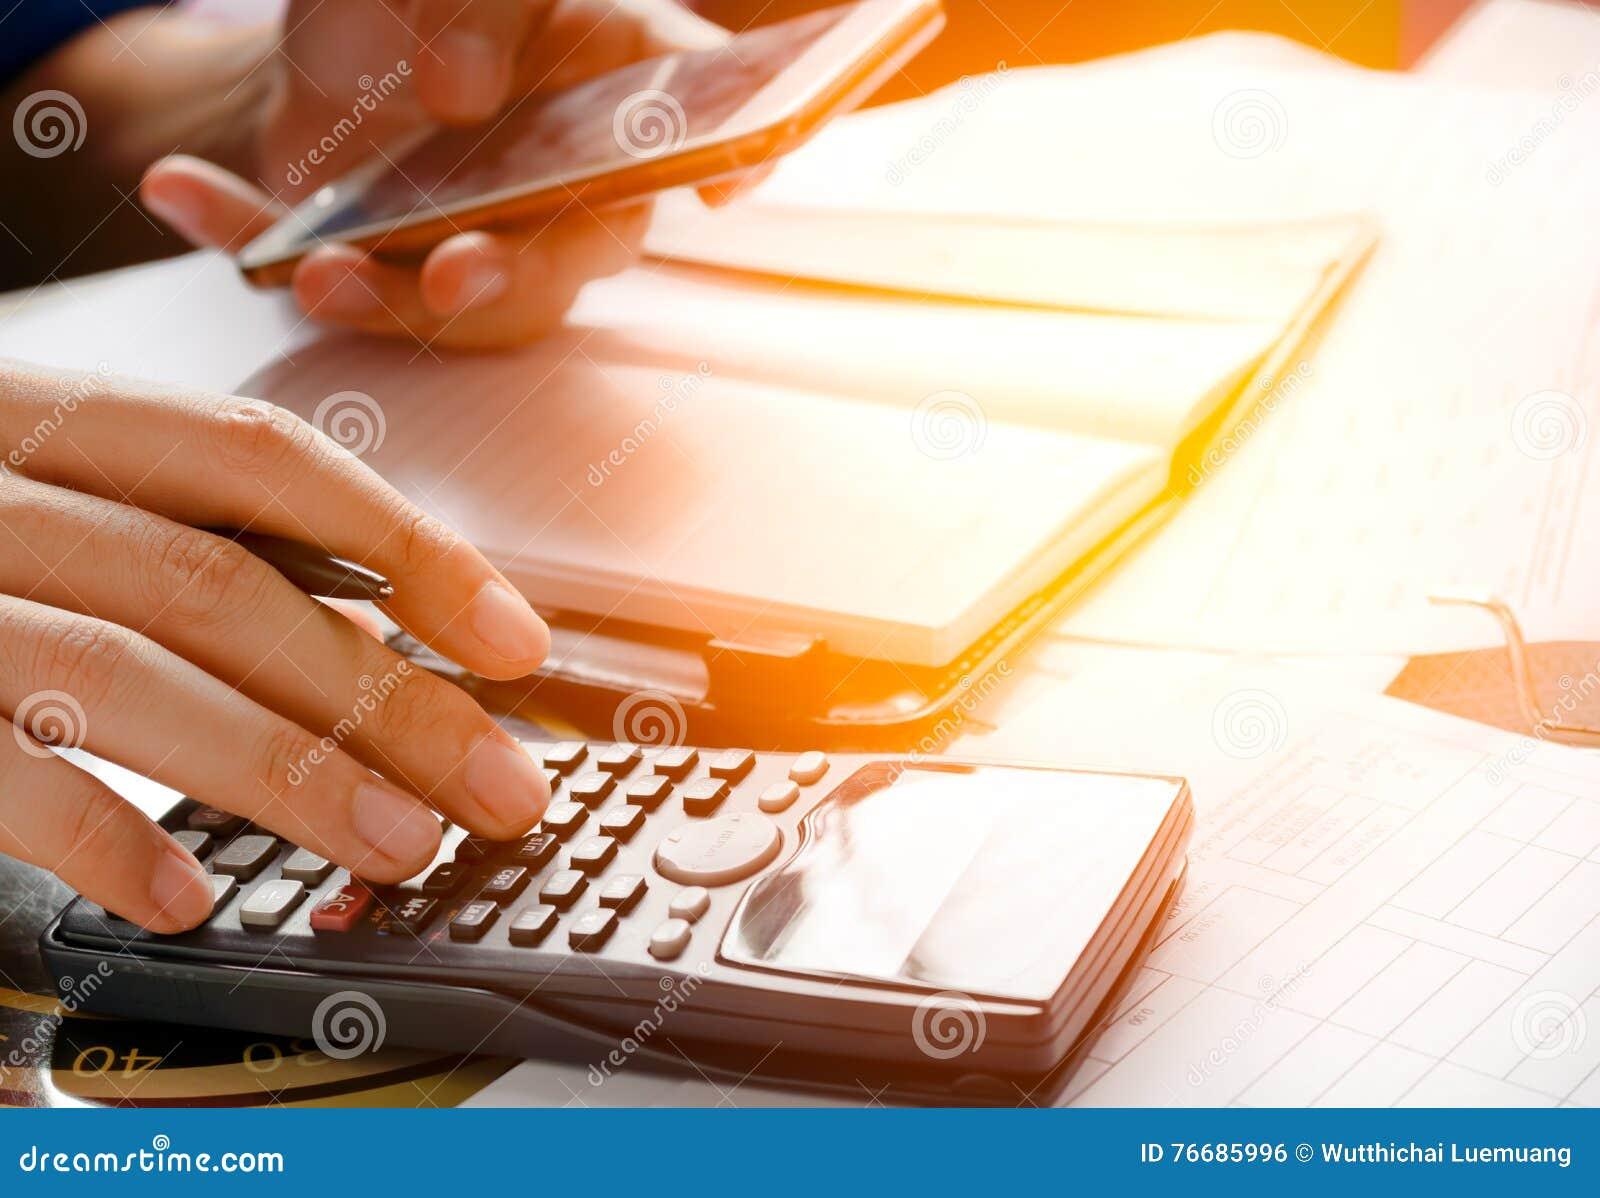 Bureau Design Gebruikt.De Holdingstelefoon Gebruikt Mobiele Telefoon Voor Het